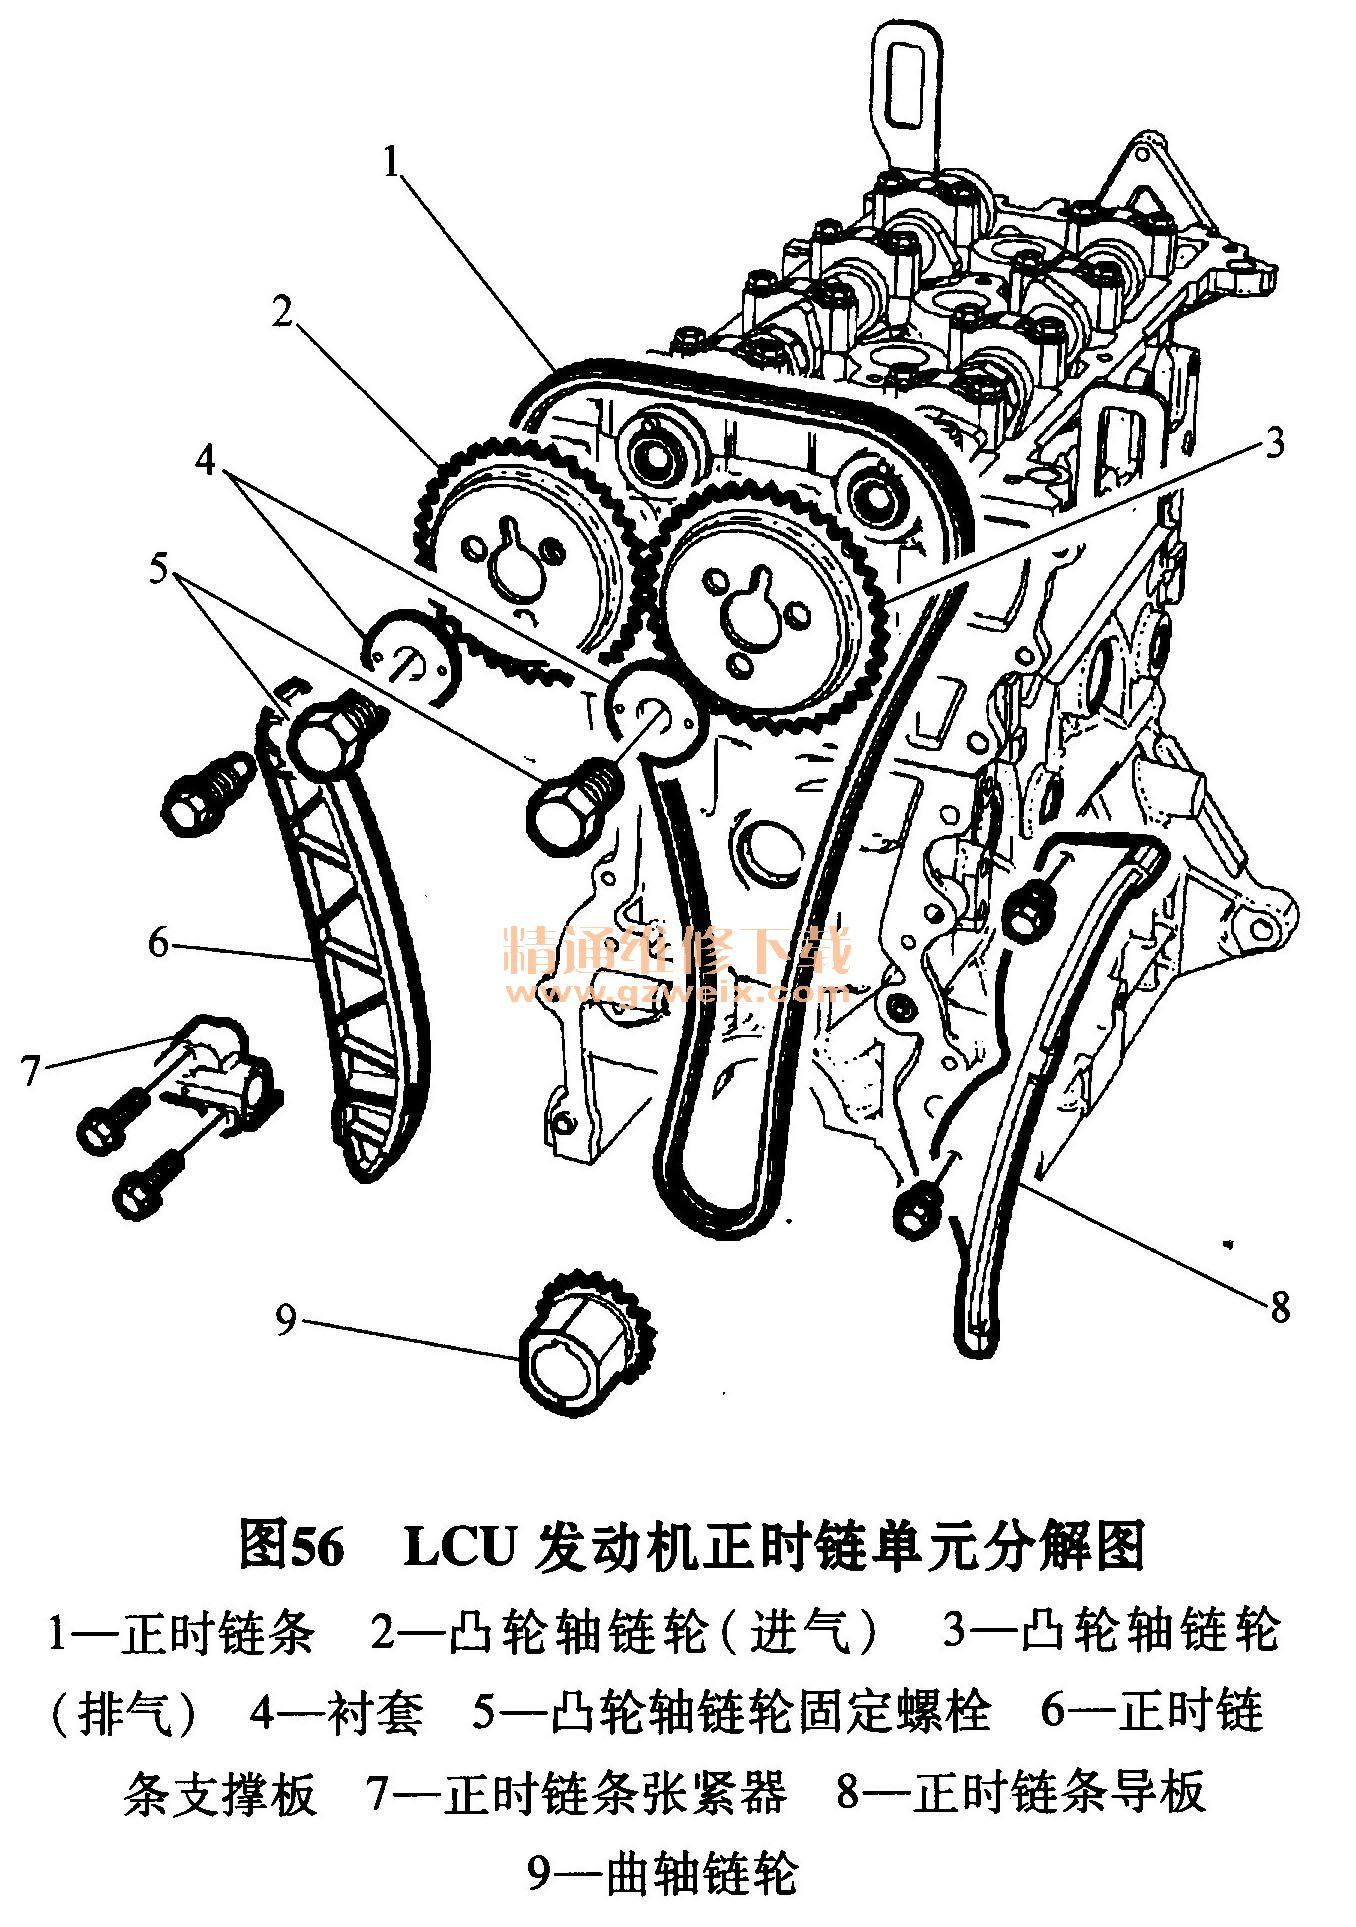 雪佛兰lcu 1. 4l发动机正时校对方法